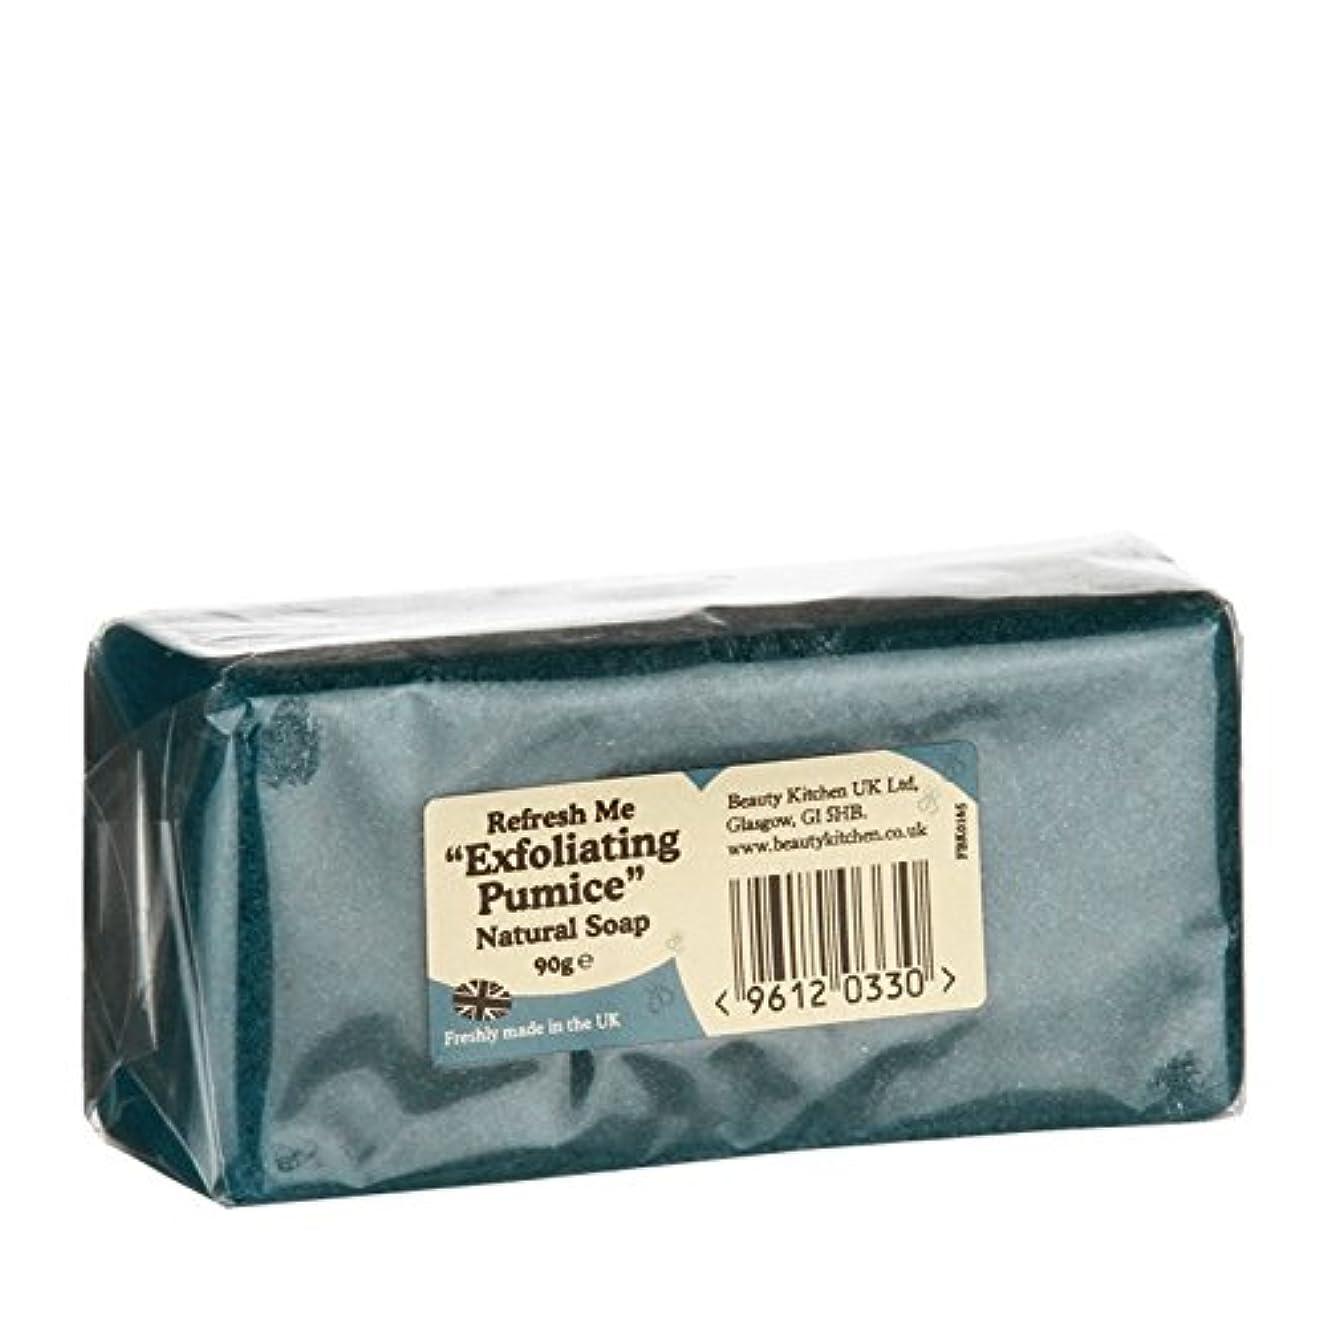 不良作家医師美しさのキッチンは、軽石の天然石鹸90グラムを剥離私をリフレッシュ - Beauty Kitchen Refresh Me Exfoliating Pumice Natural Soap 90g (Beauty Kitchen...